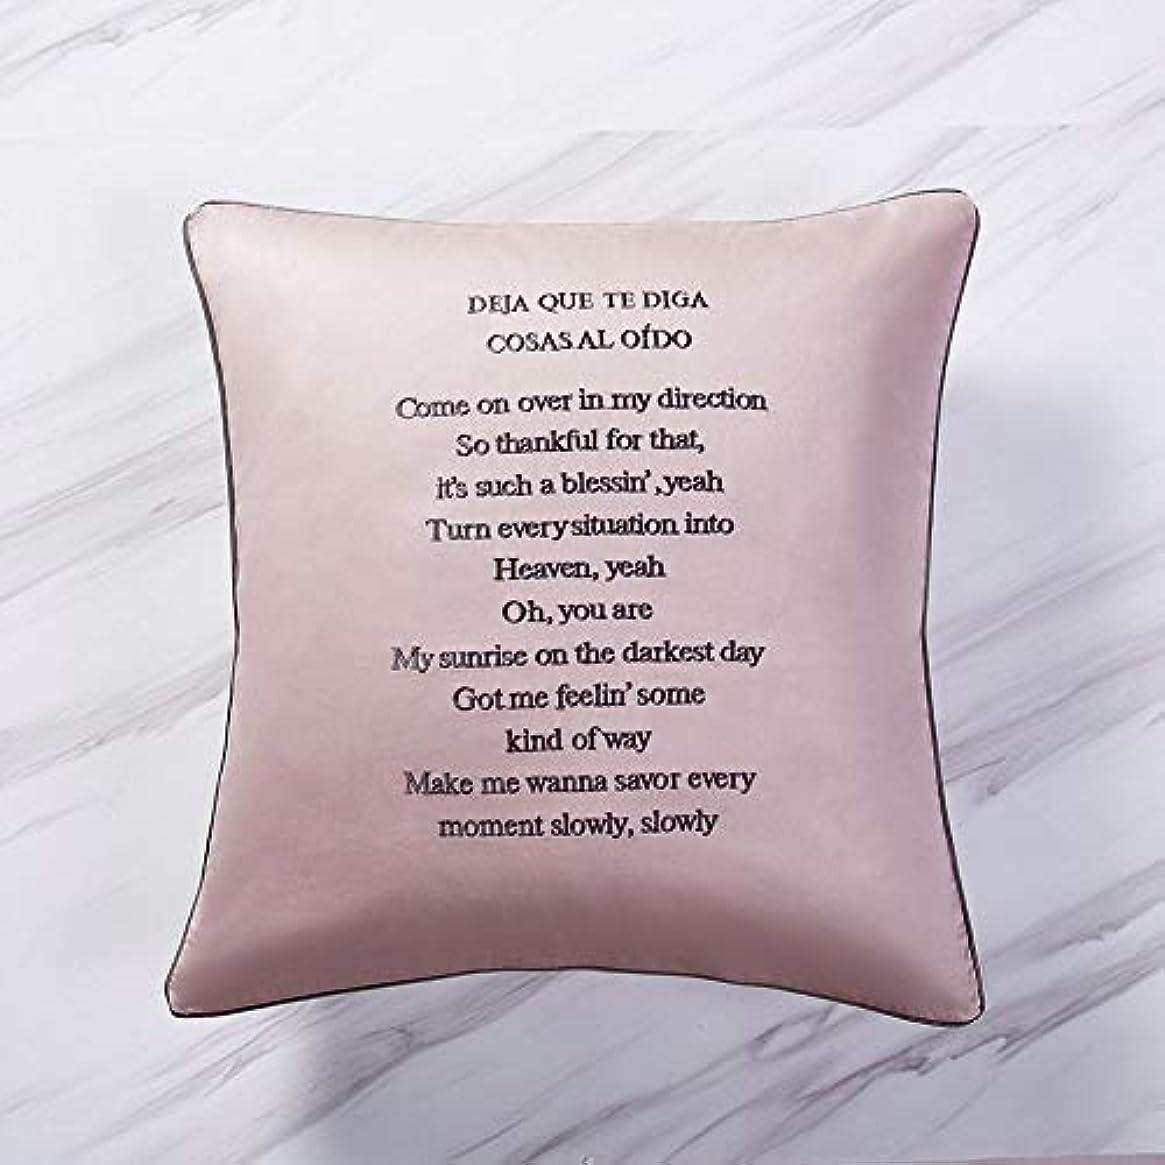 振り子変装コンドーム腰枕 ロングステープルコットン刺繍入りレターピローコットンソファーベッドbyウエストクッションピローケース付きコア (色 : Cream powder, Size : 45*45cm)